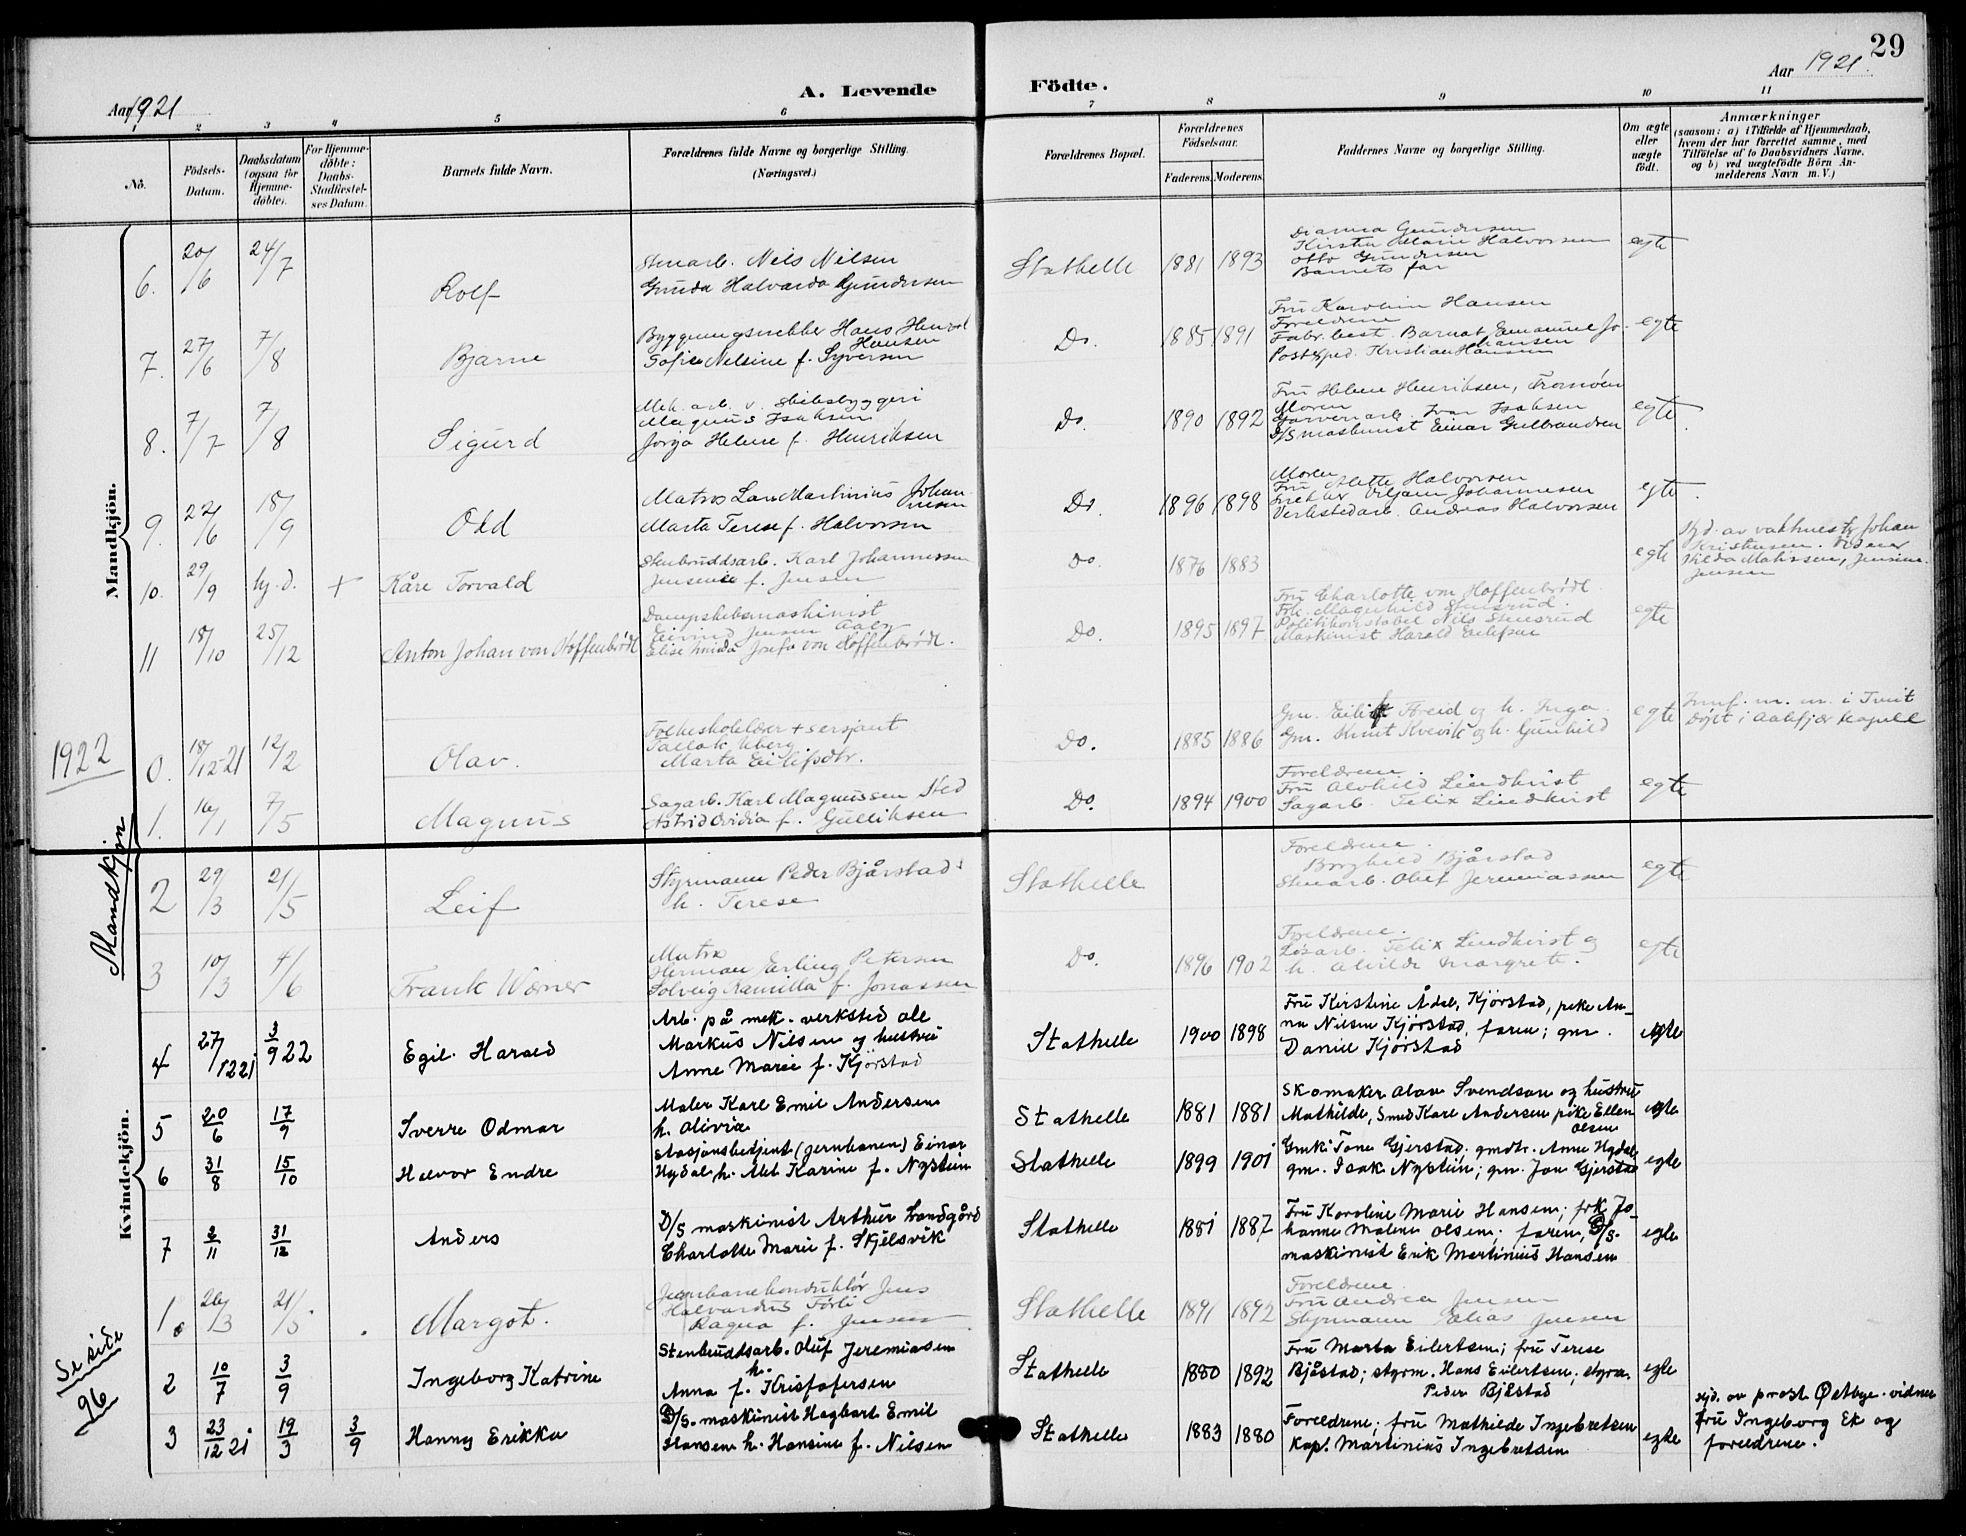 SAKO, Bamble kirkebøker, G/Gb/L0002: Klokkerbok nr. II 2, 1900-1925, s. 29